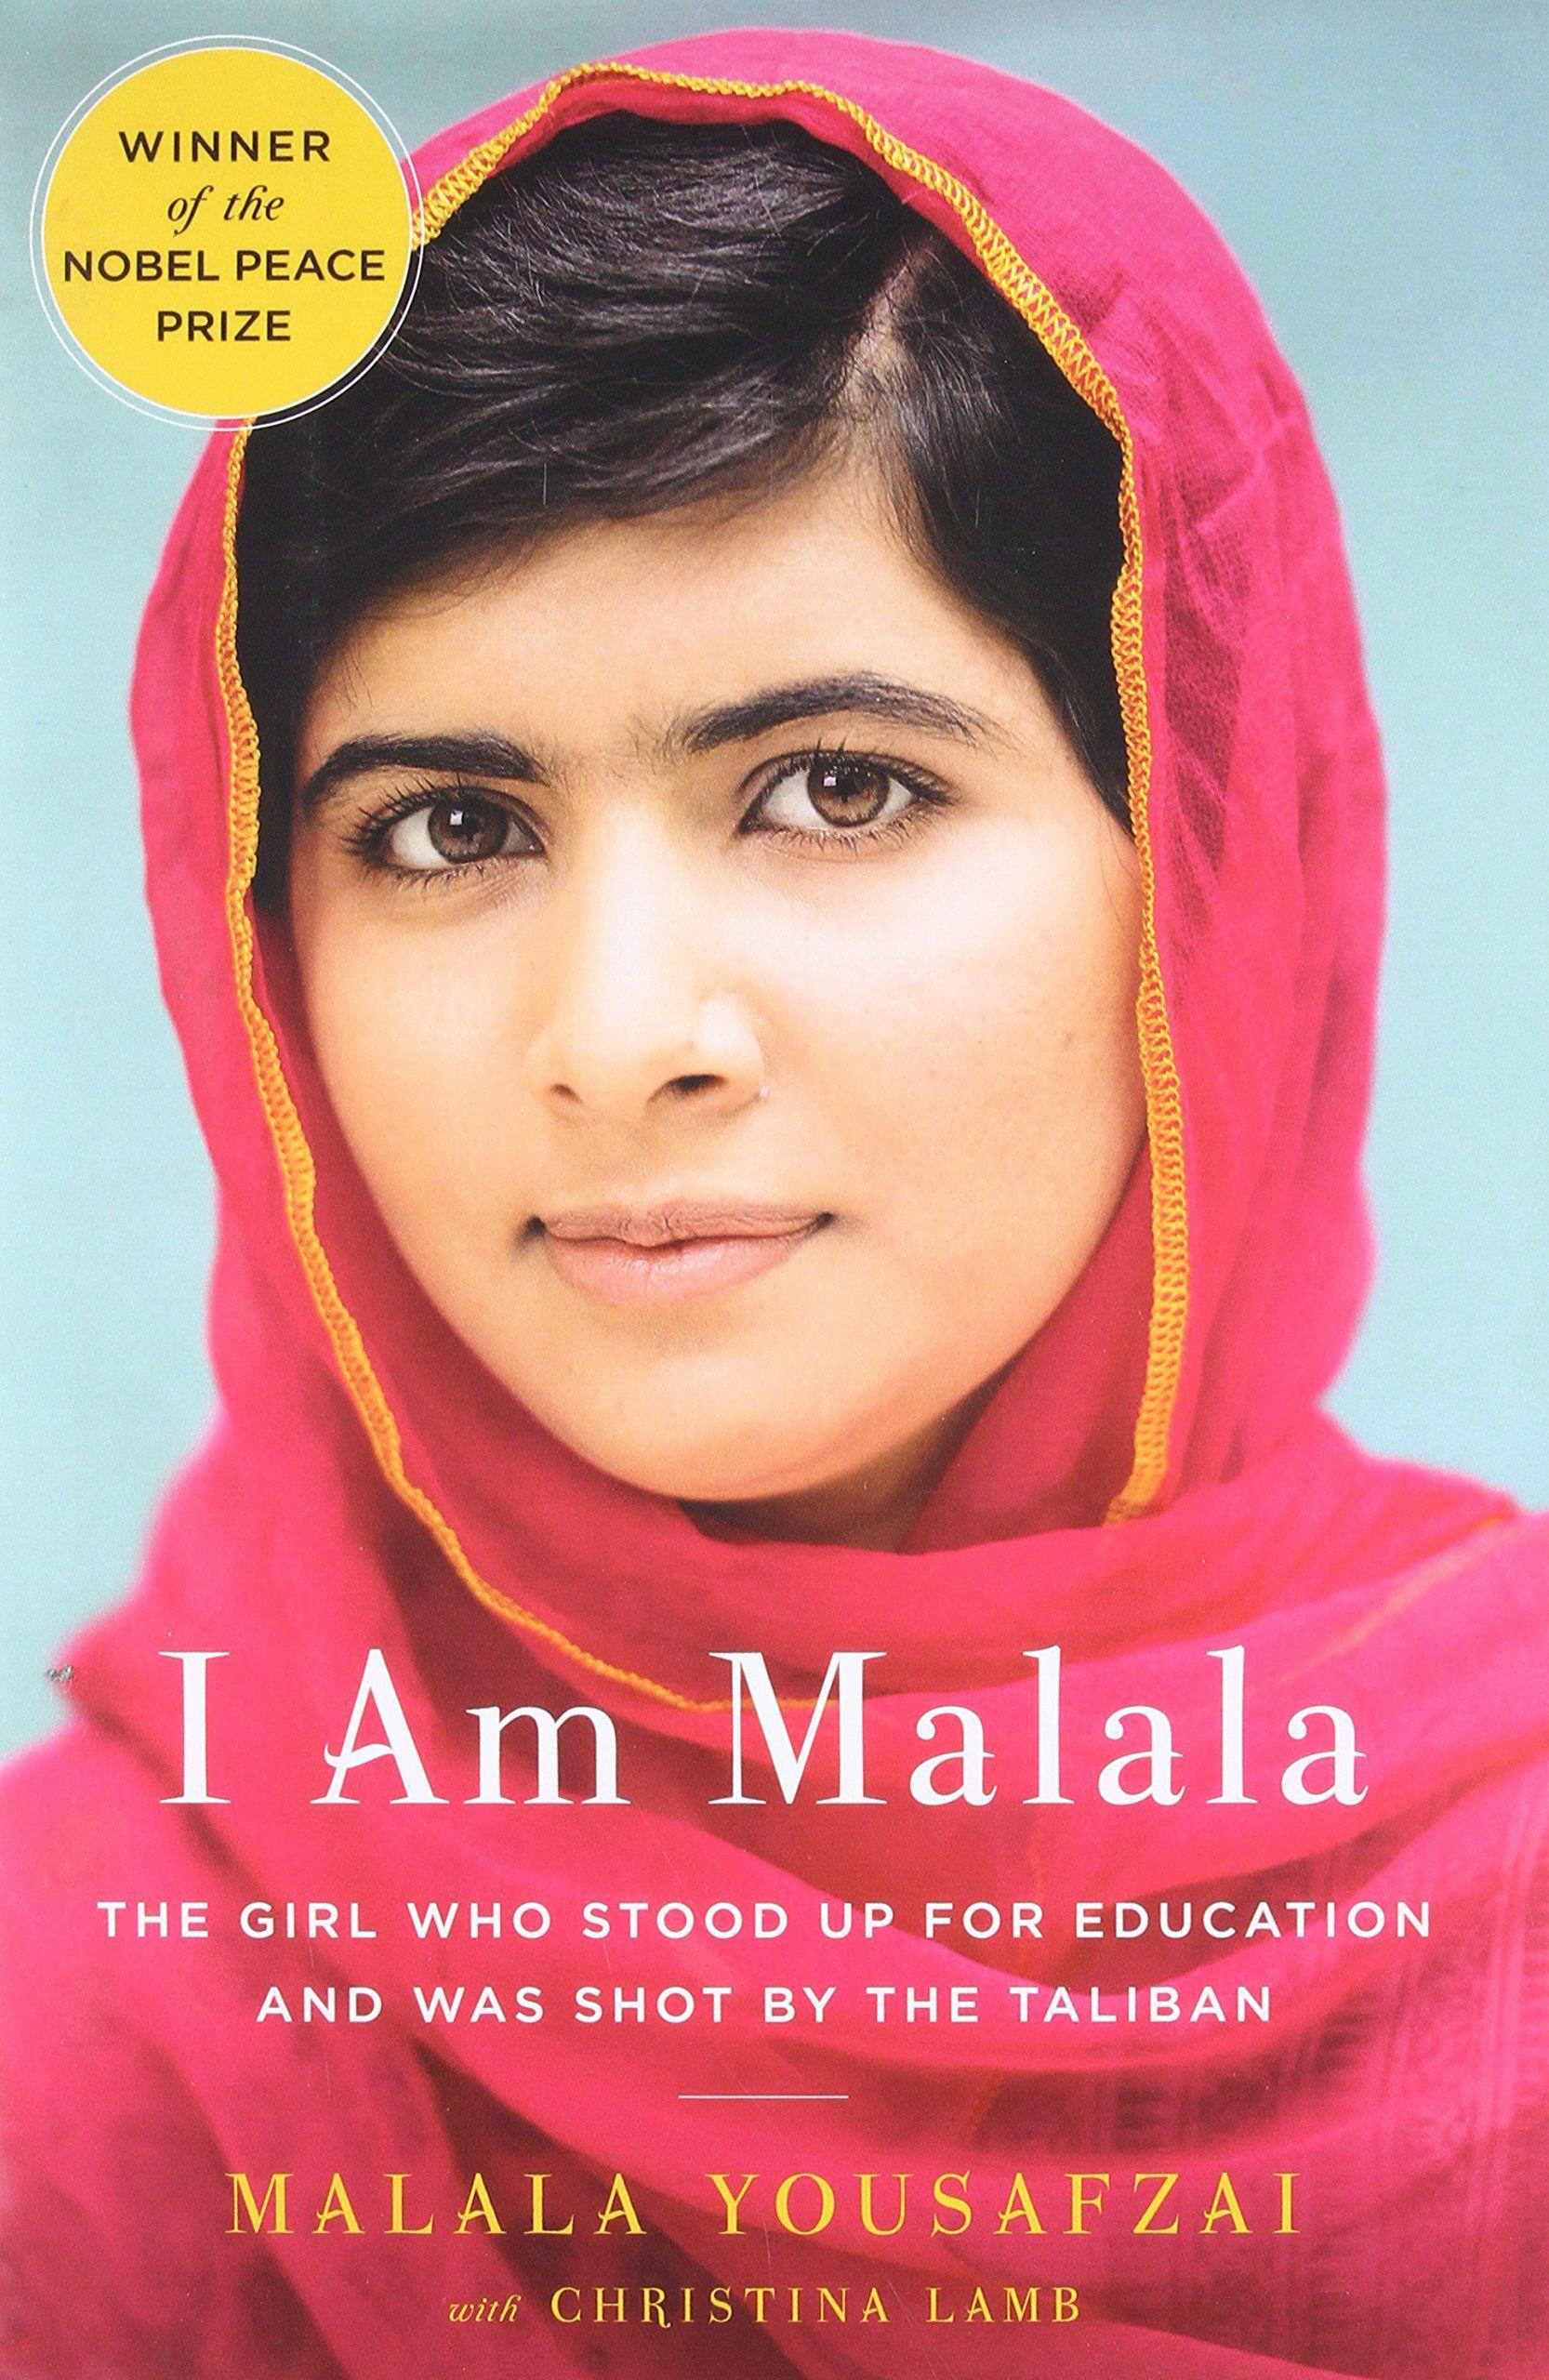 i am malala by malala yousafzai.jpg.optimal